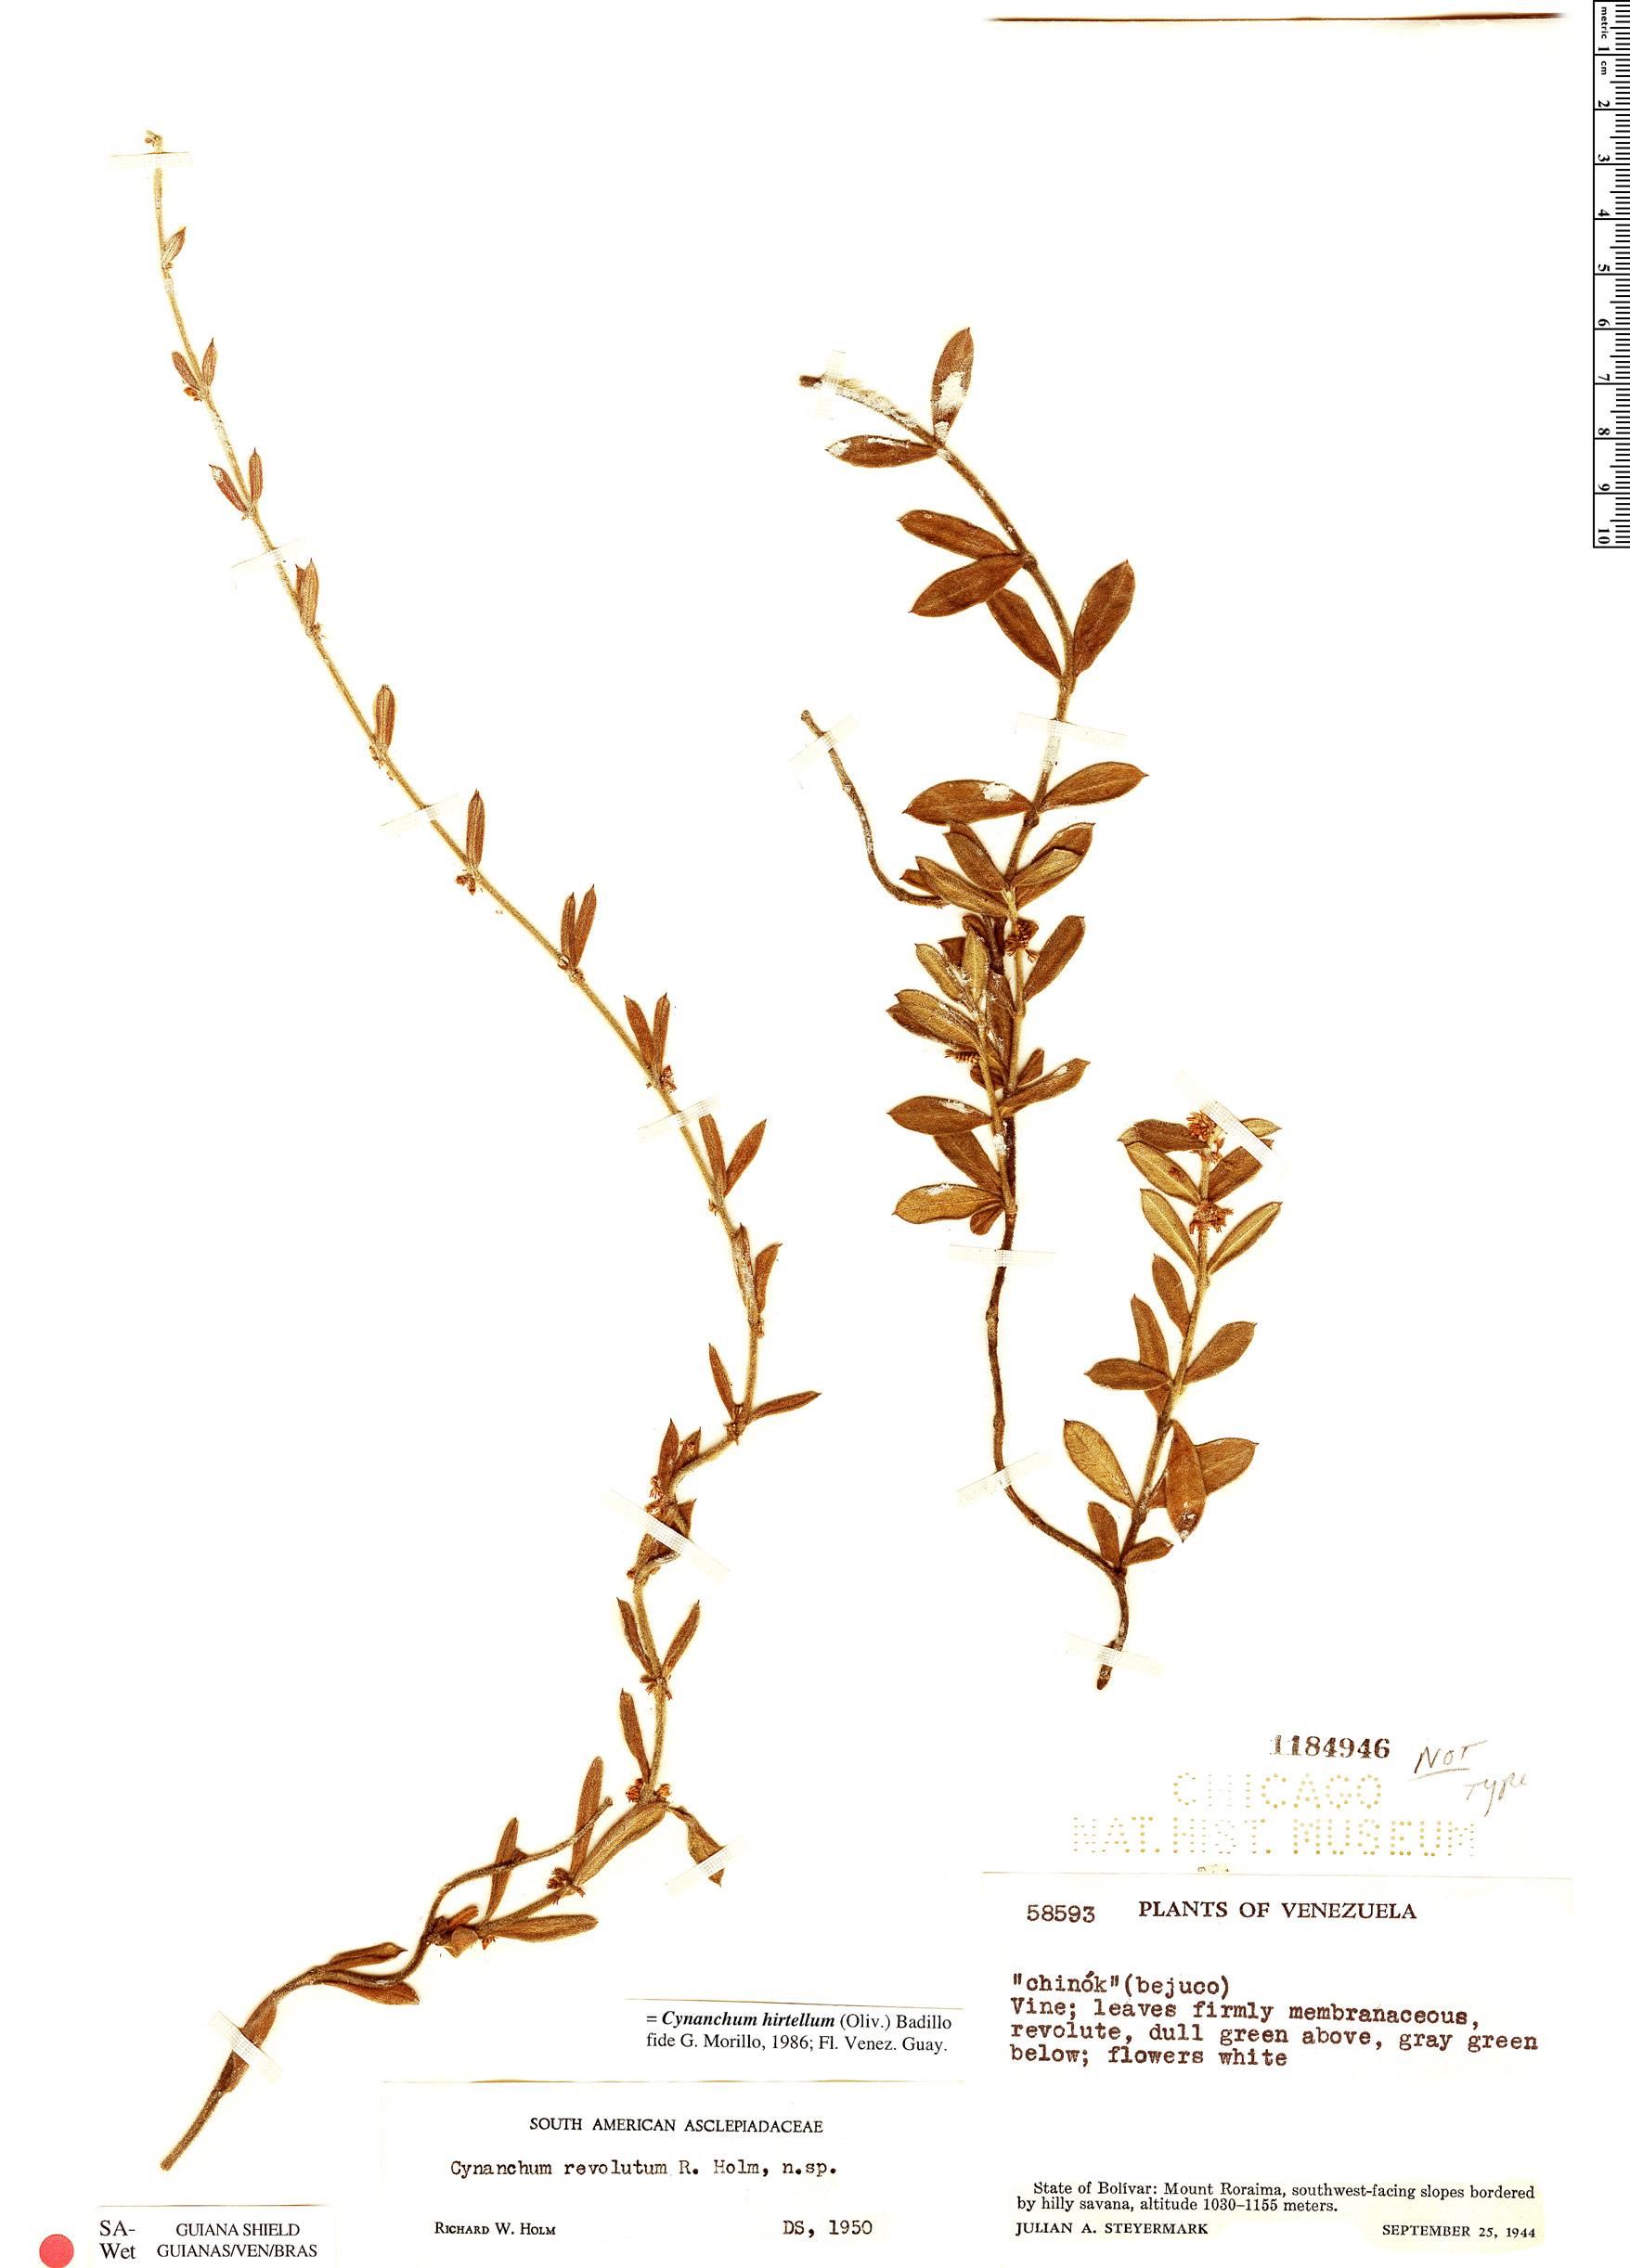 Specimen: Cynanchum hirtellum